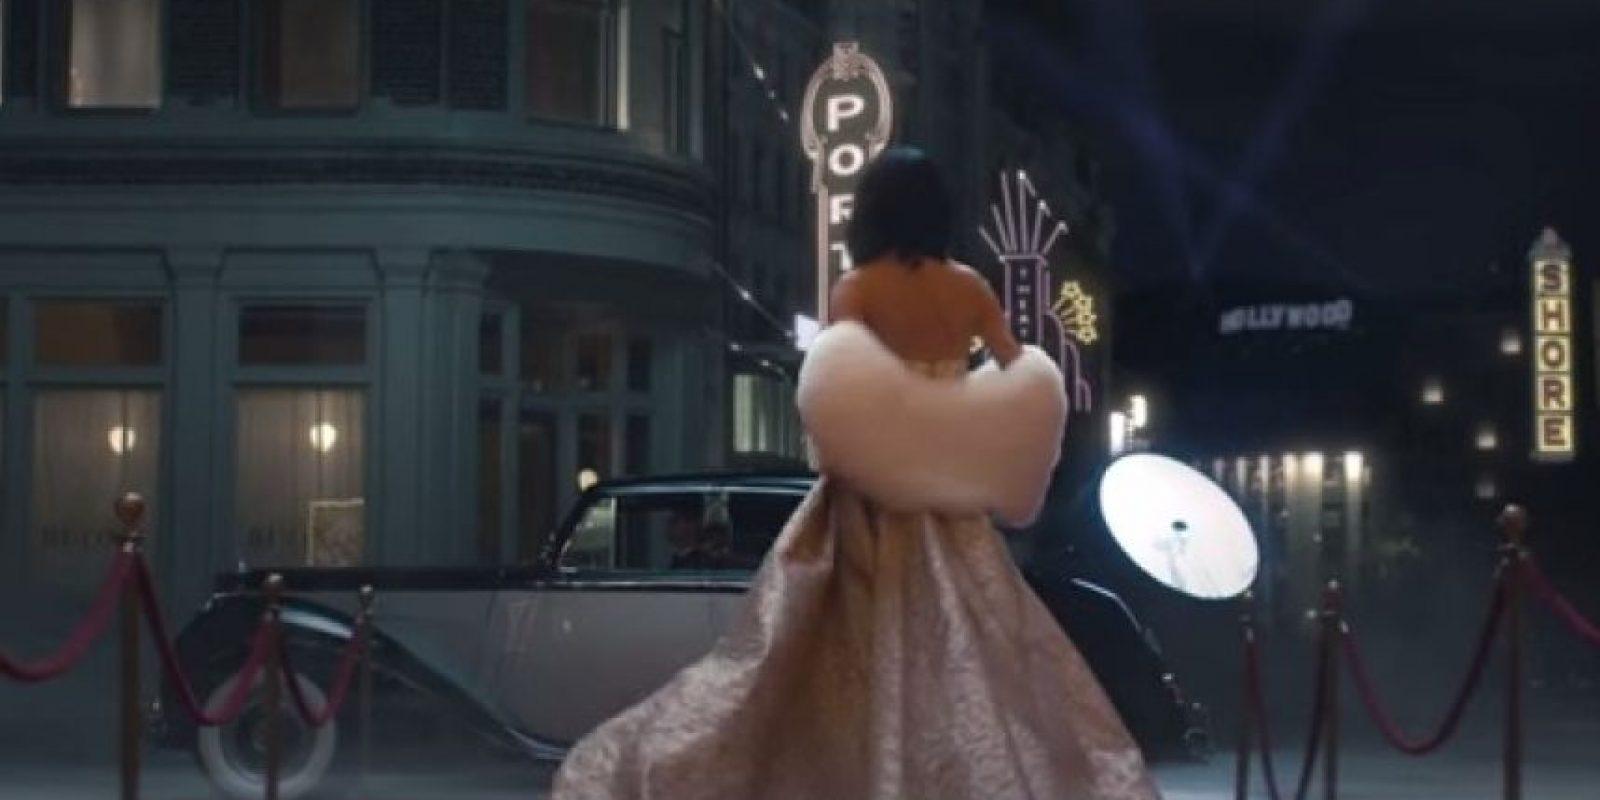 El clip simula la grabación de una película de los años cincuenta. Foto:YouTube/TaylorSwiftVEVO